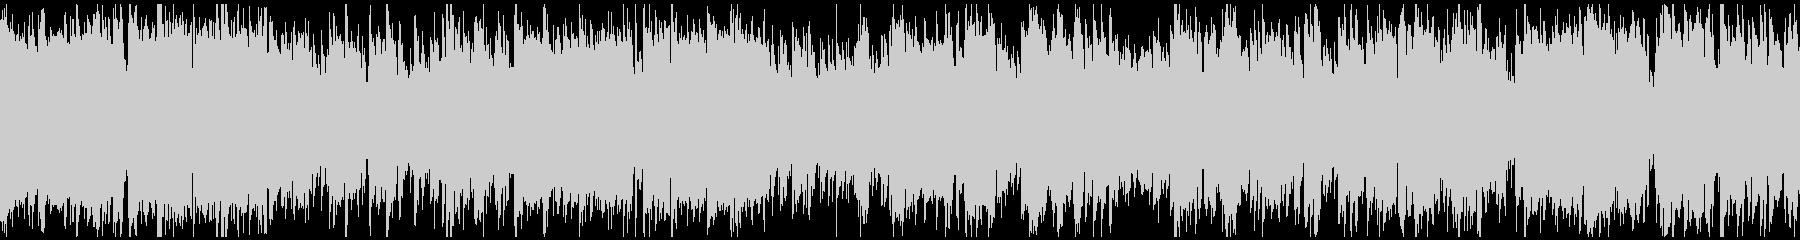 ジャズ+ドラムンベース ※ループ仕様版の未再生の波形